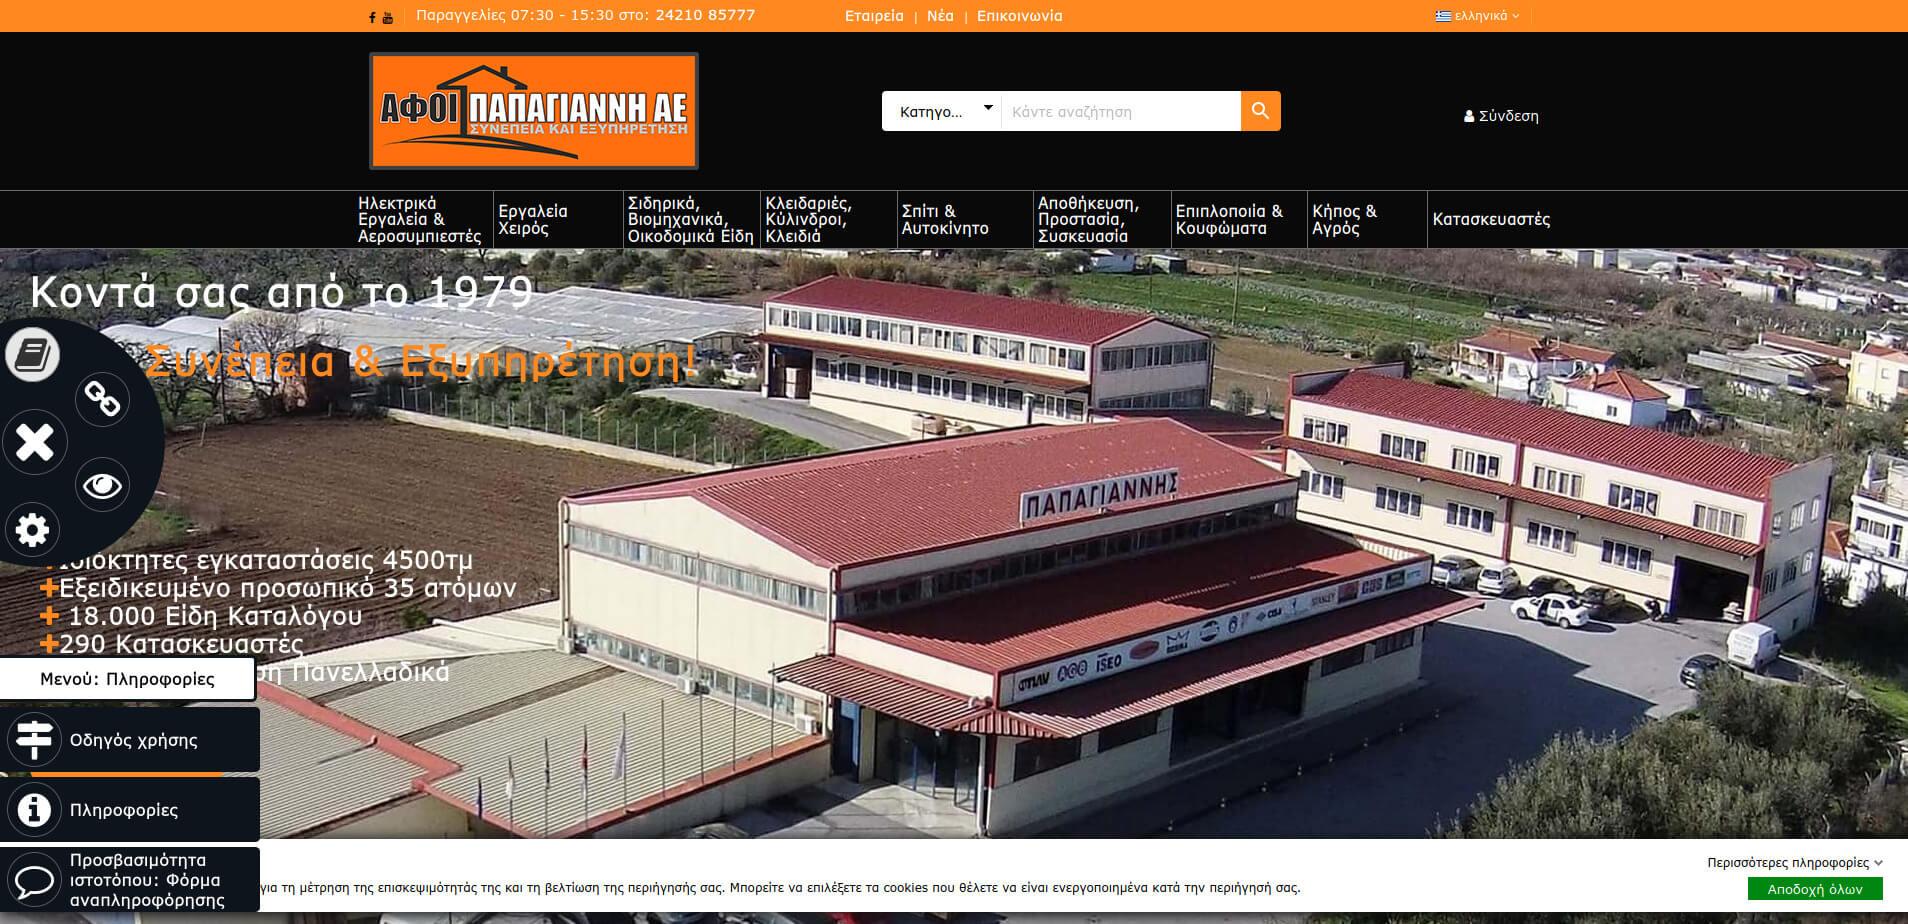 Μπάρα Προσβασιμότητας ΑμεΑ Eucleides - Ιστοσελίδες κατάλληλες για ΑμεΑ σύμφωνα με το πρότυπο WCAG 2.0 - Εγκατάσταση σε όλες τις πλατφόρμες ιστοτόπων - afoipapagianni.gr